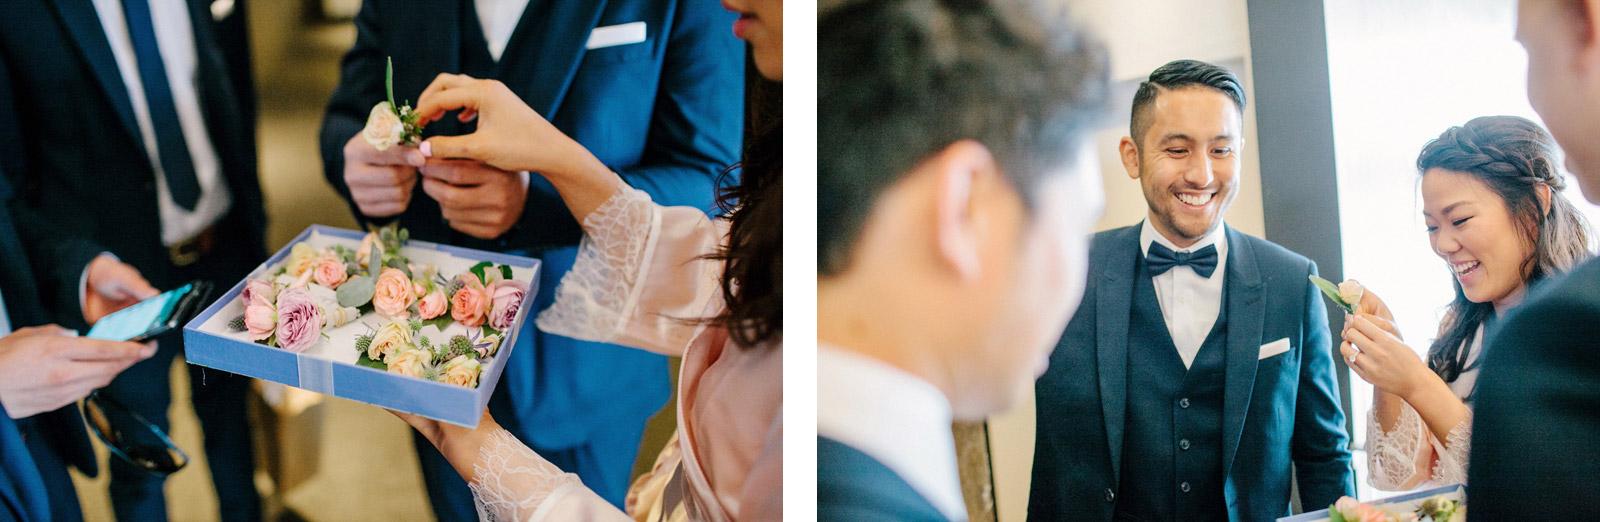 wedding-sonia-kev-010